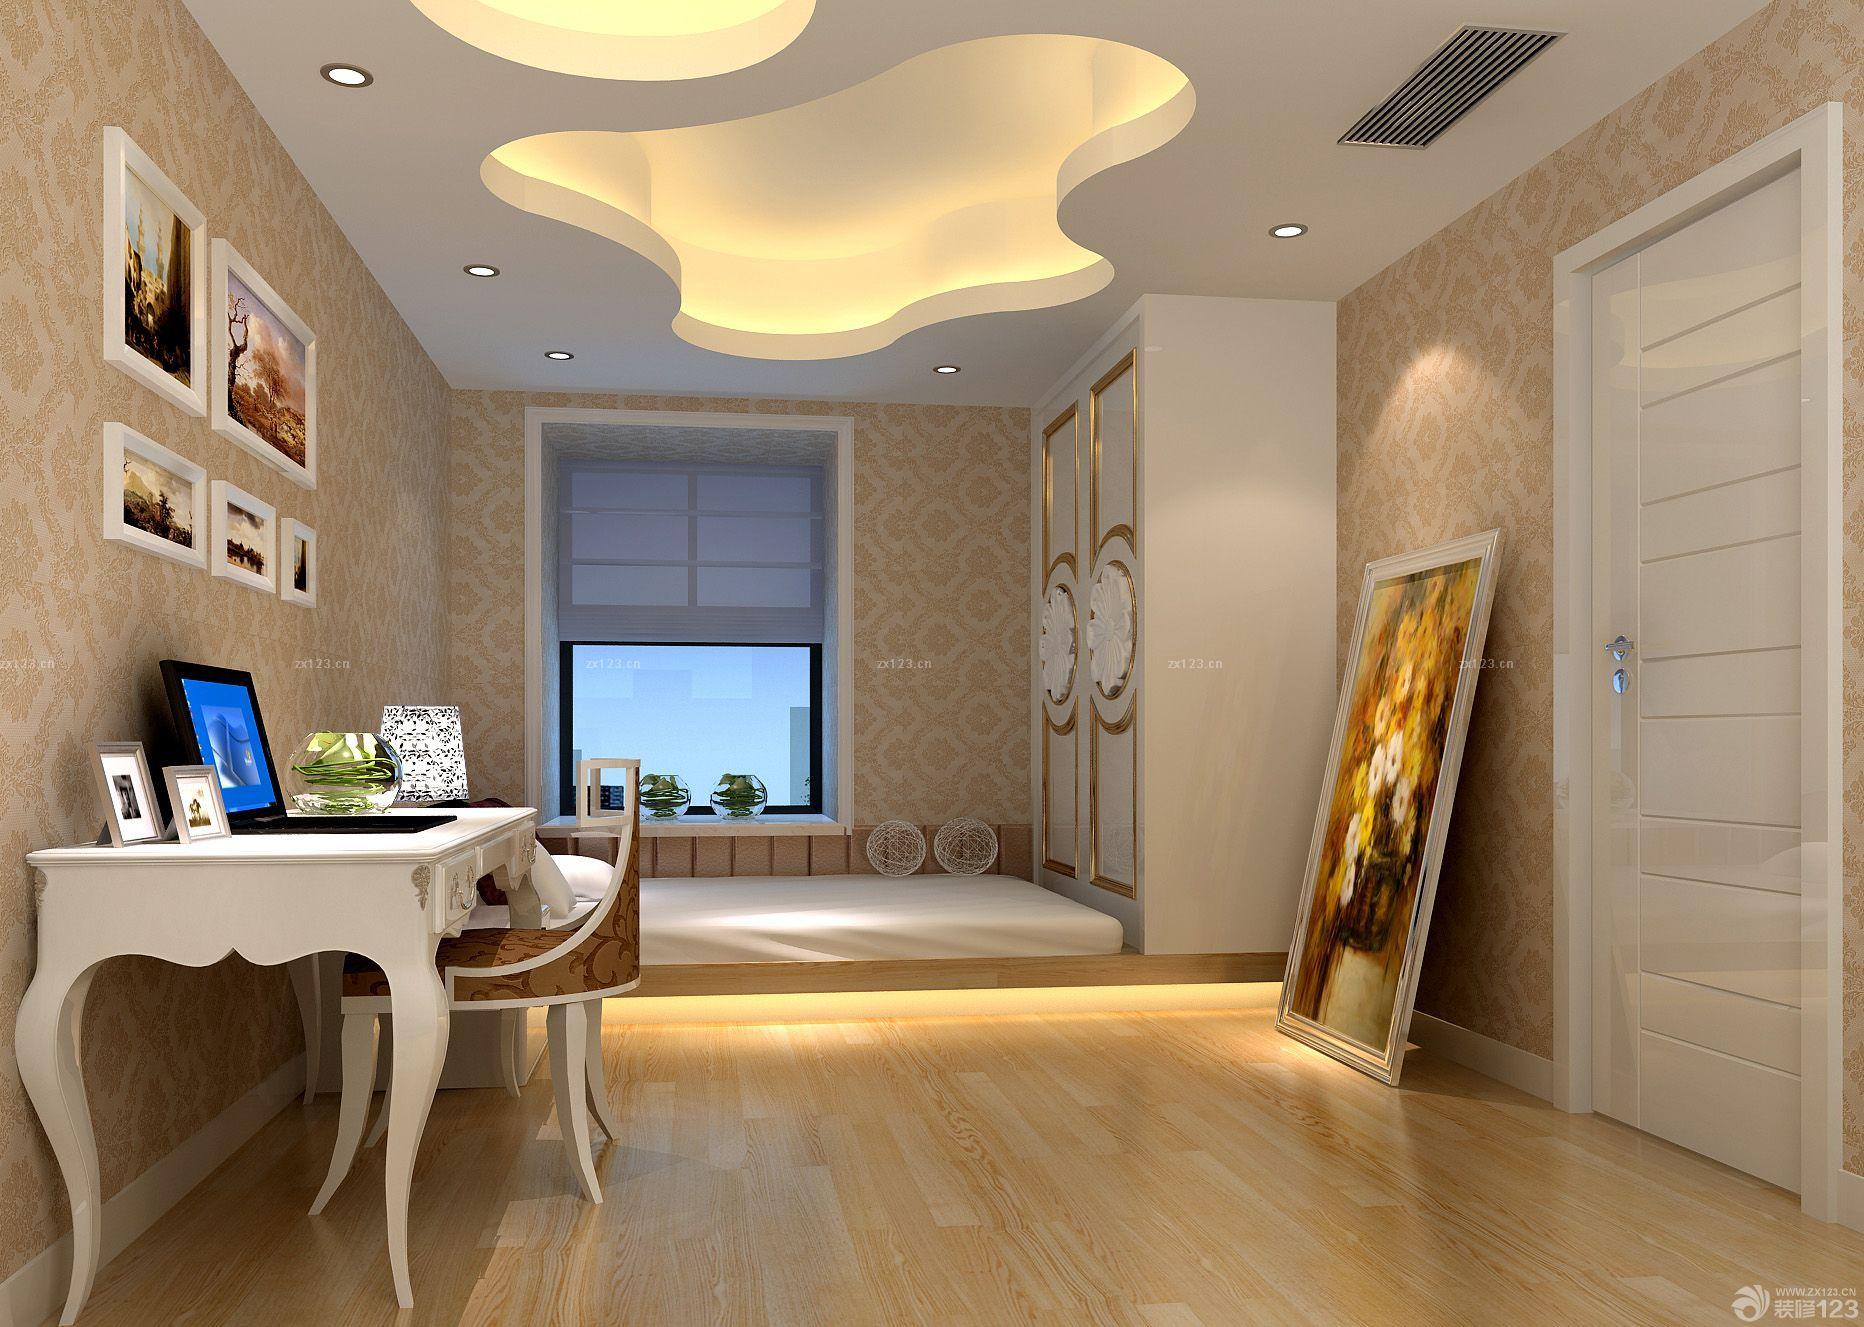 家庭卧室白色门框装修效果图